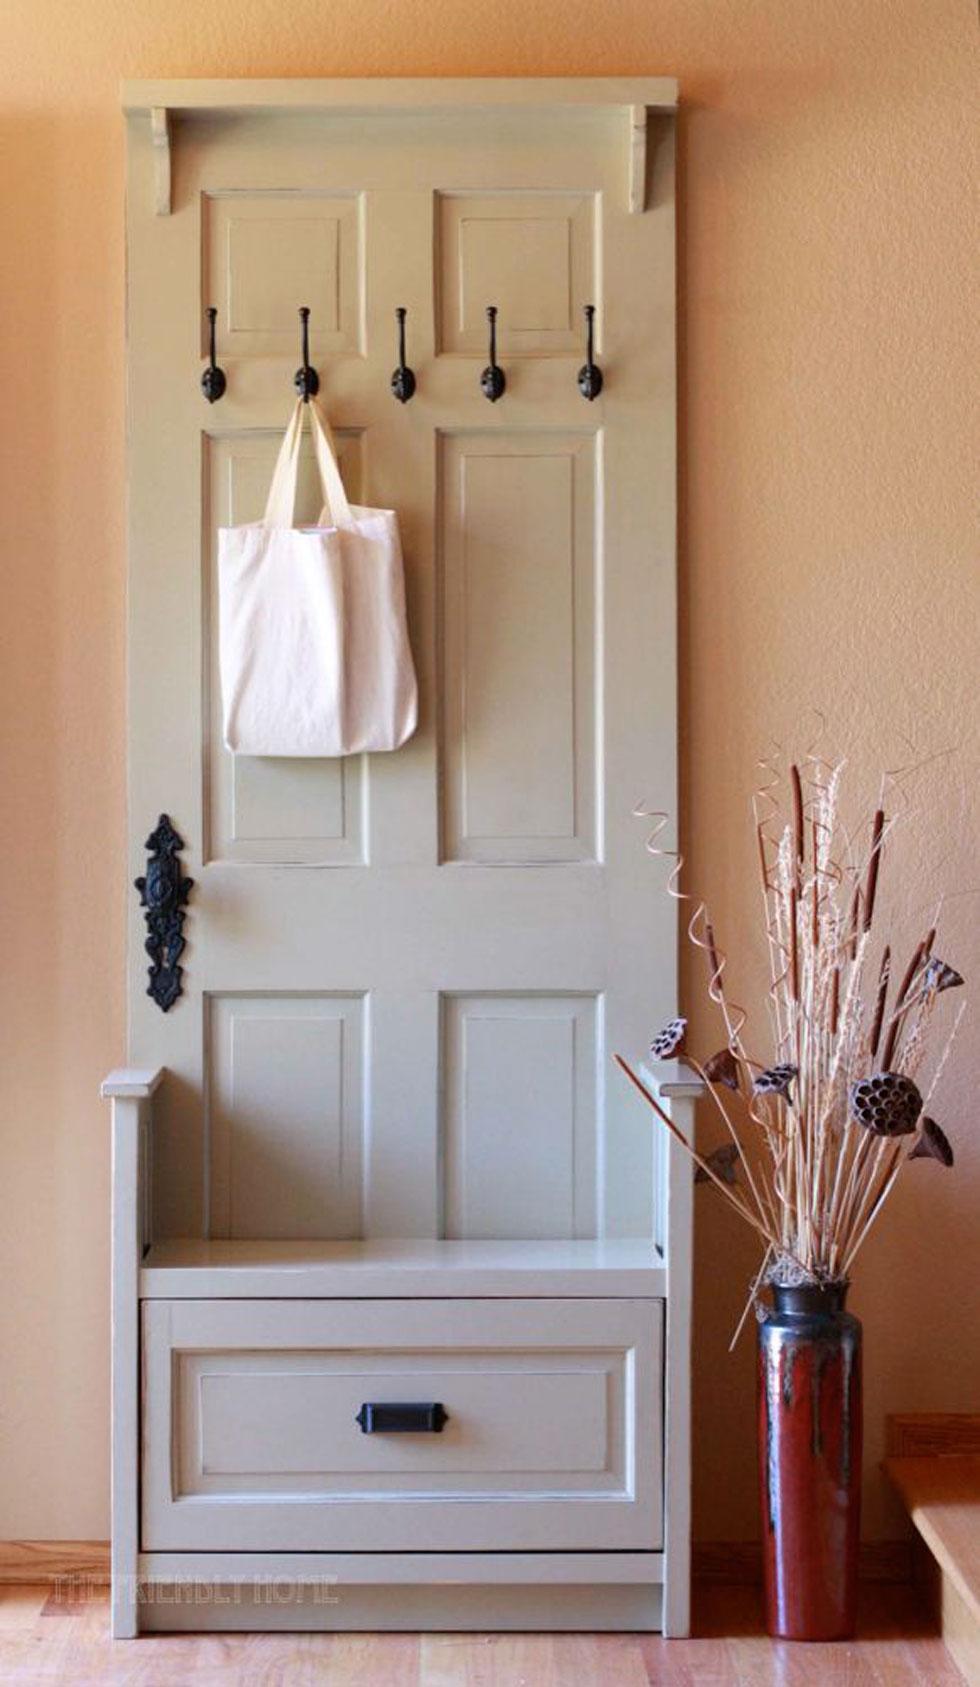 & Repurposed Door Crafts - Easy Craft Ideas pezcame.com